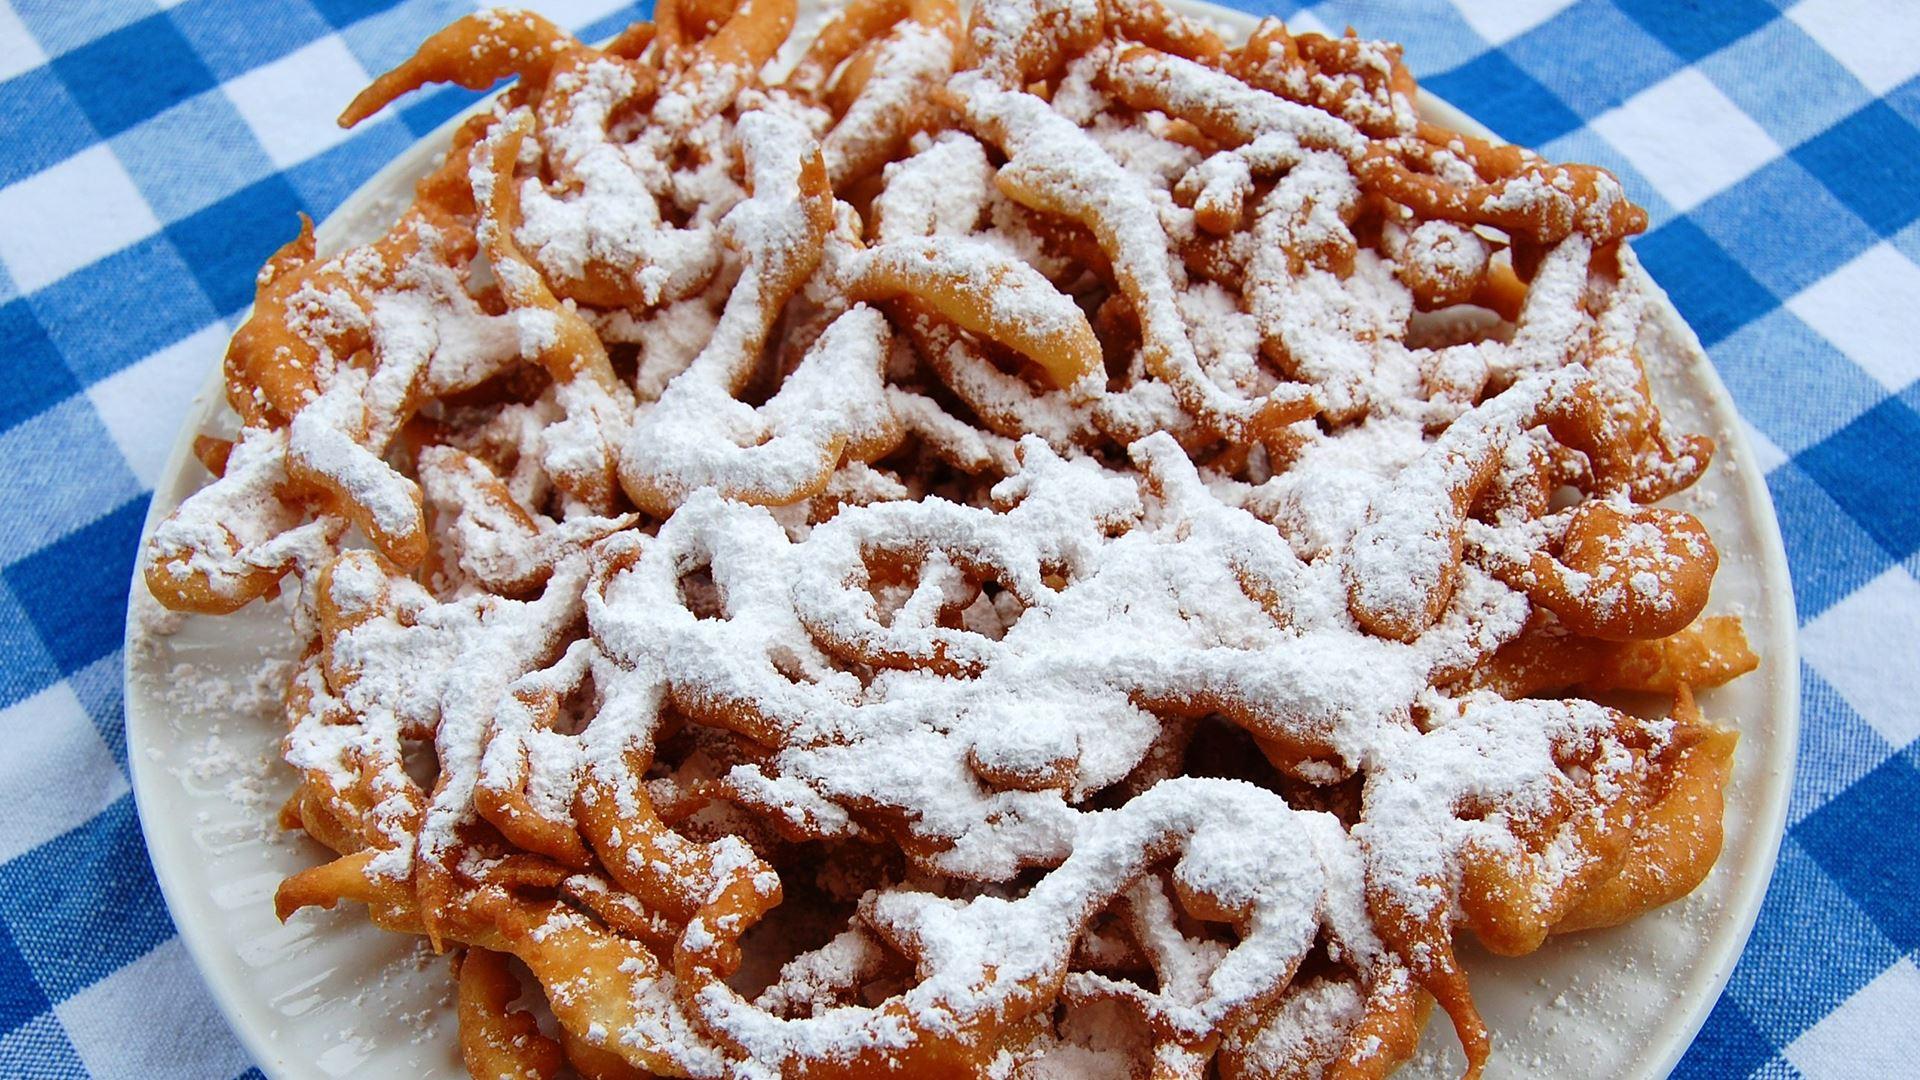 Funnel Cake at the Fair Eats Drive-Thru